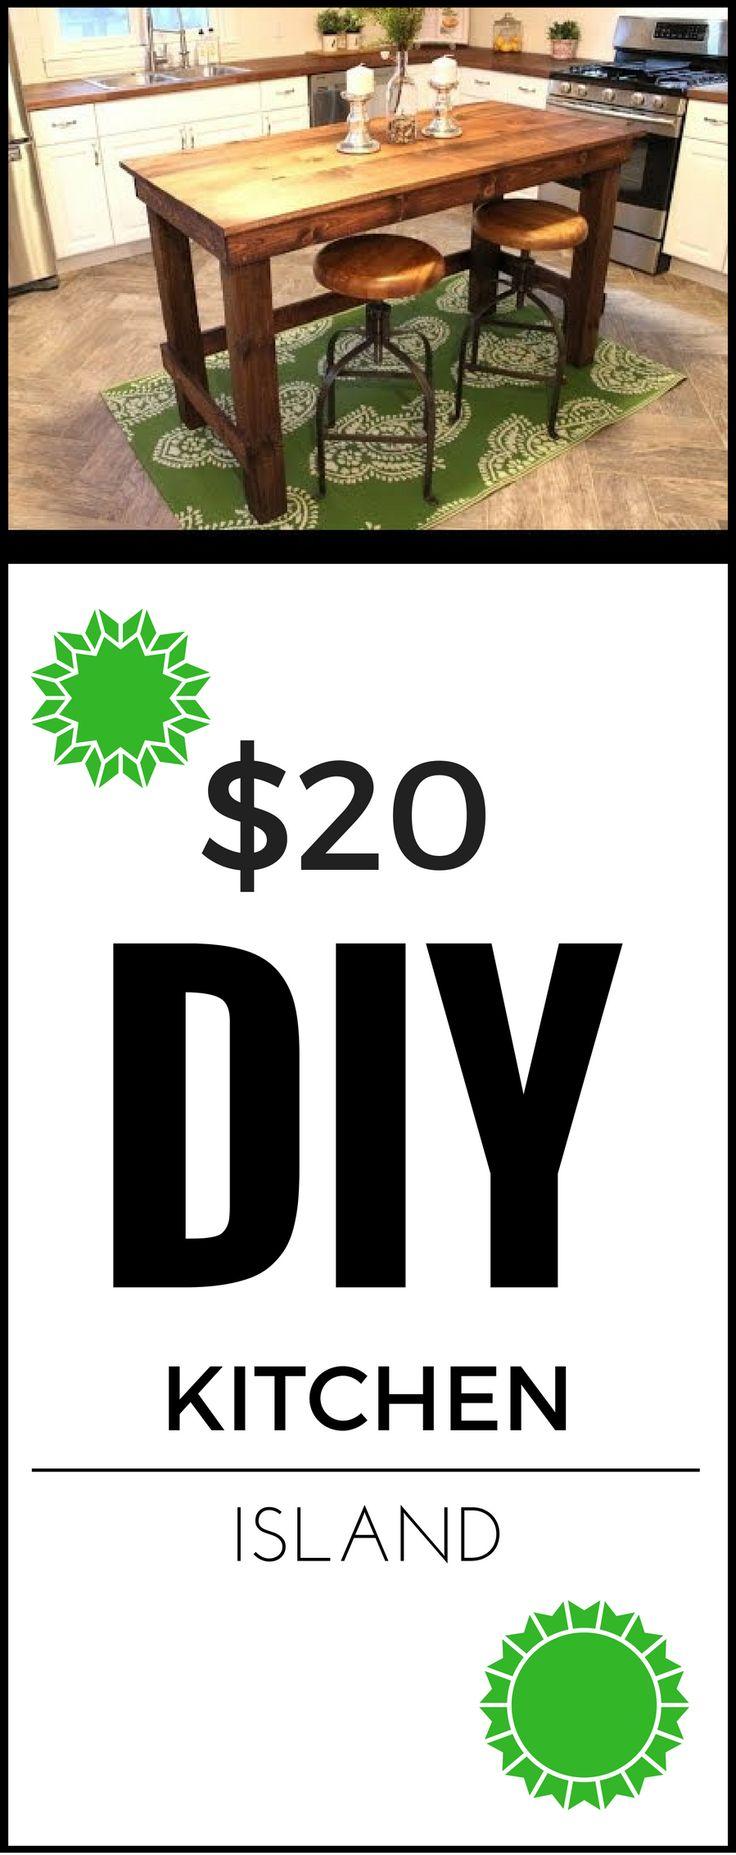 $20 DIY Kitchen Island